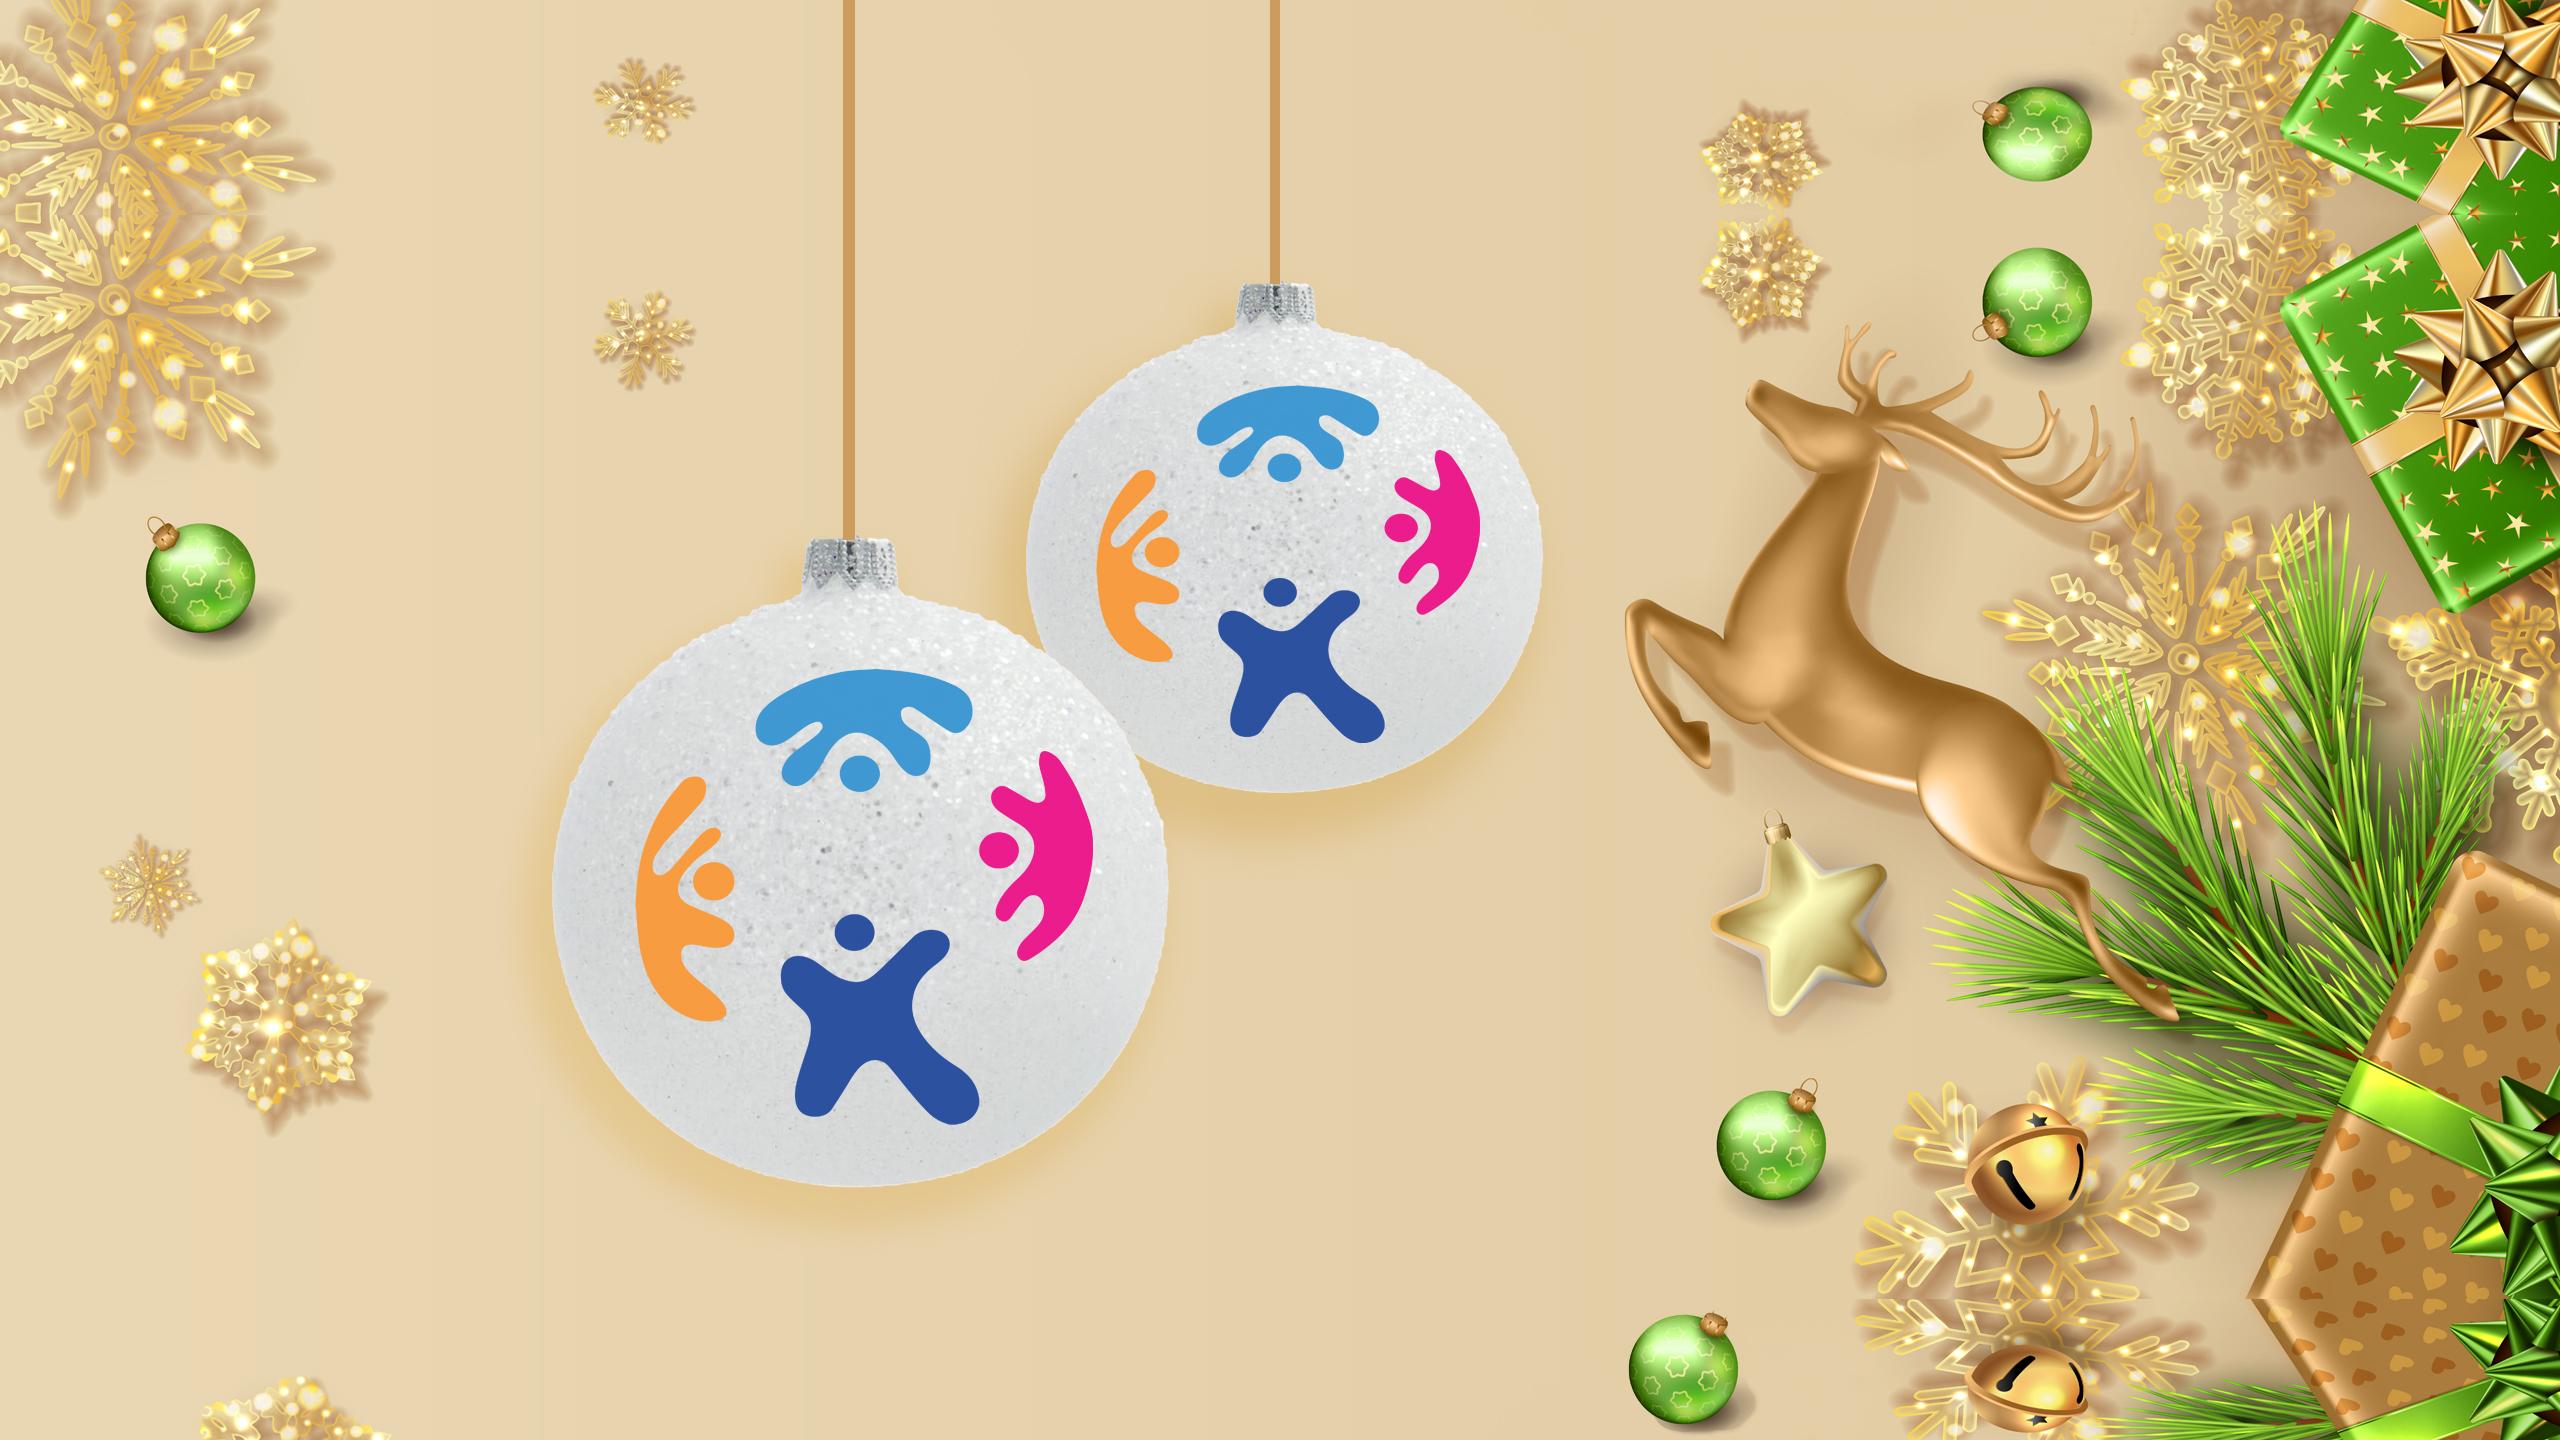 życzenia wesołych świąt